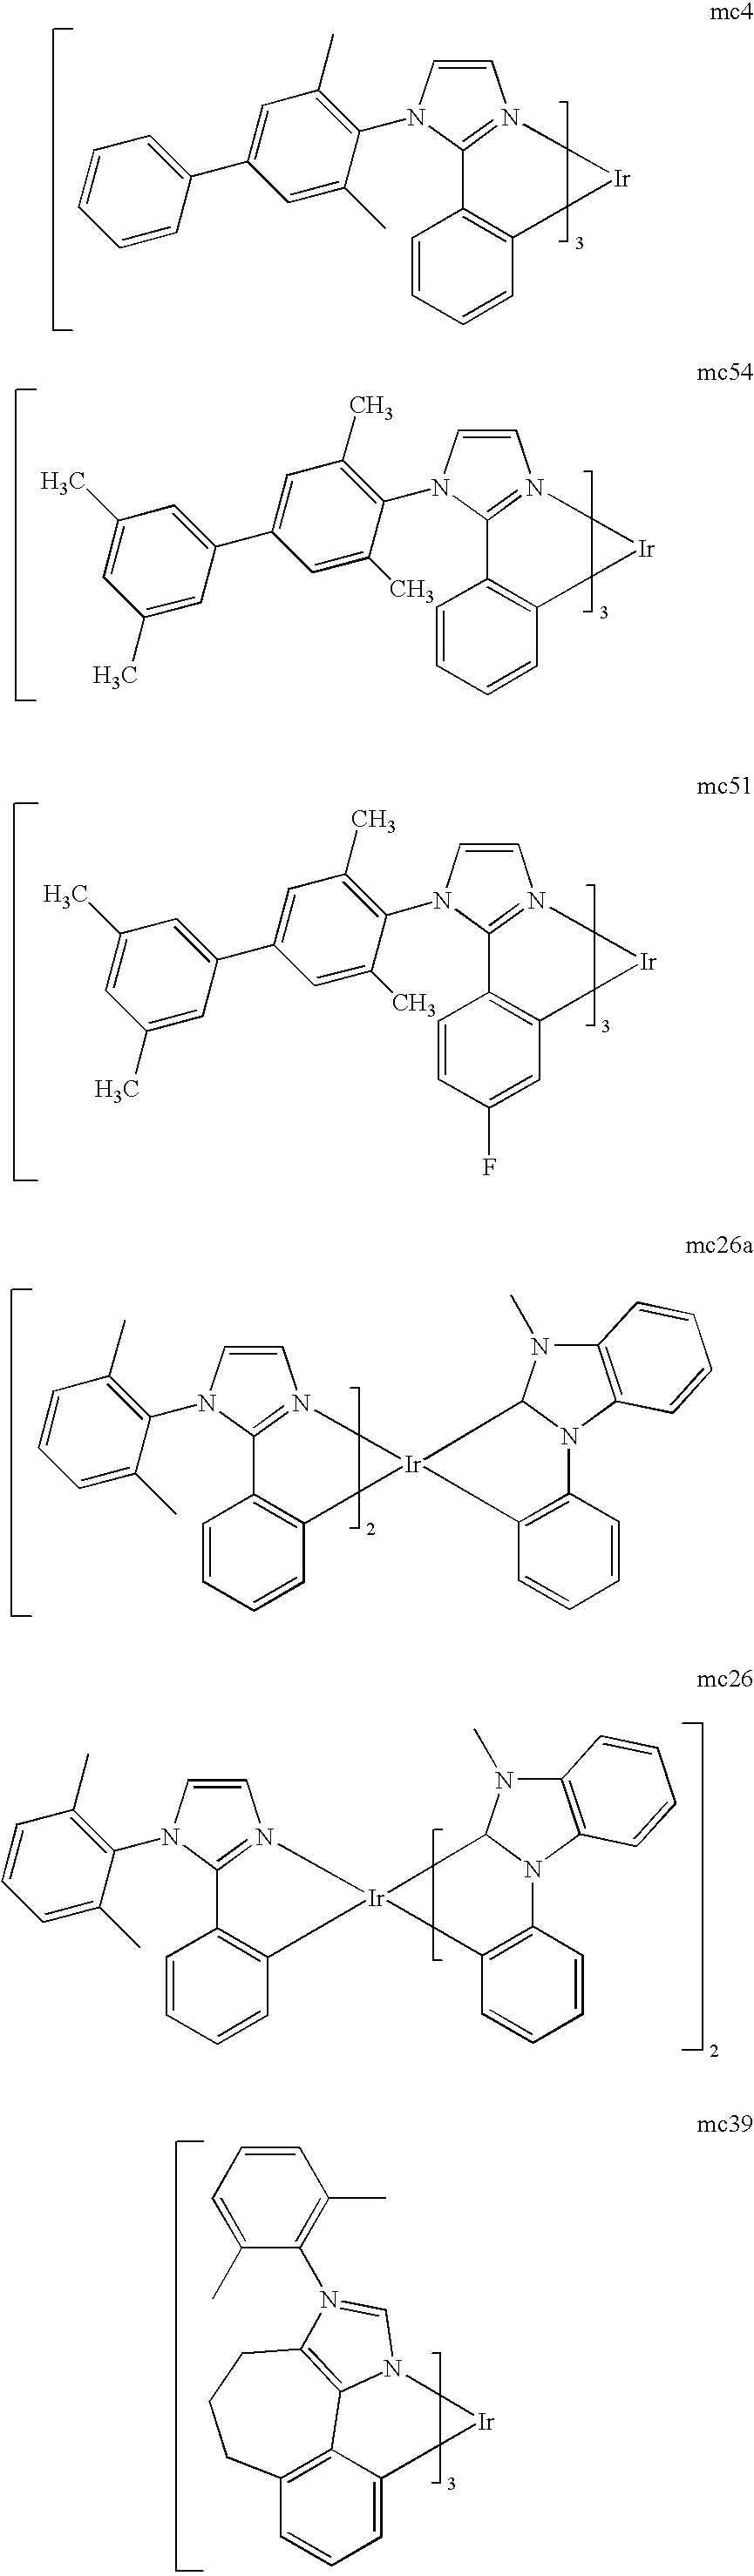 Figure US20070088167A1-20070419-C00017